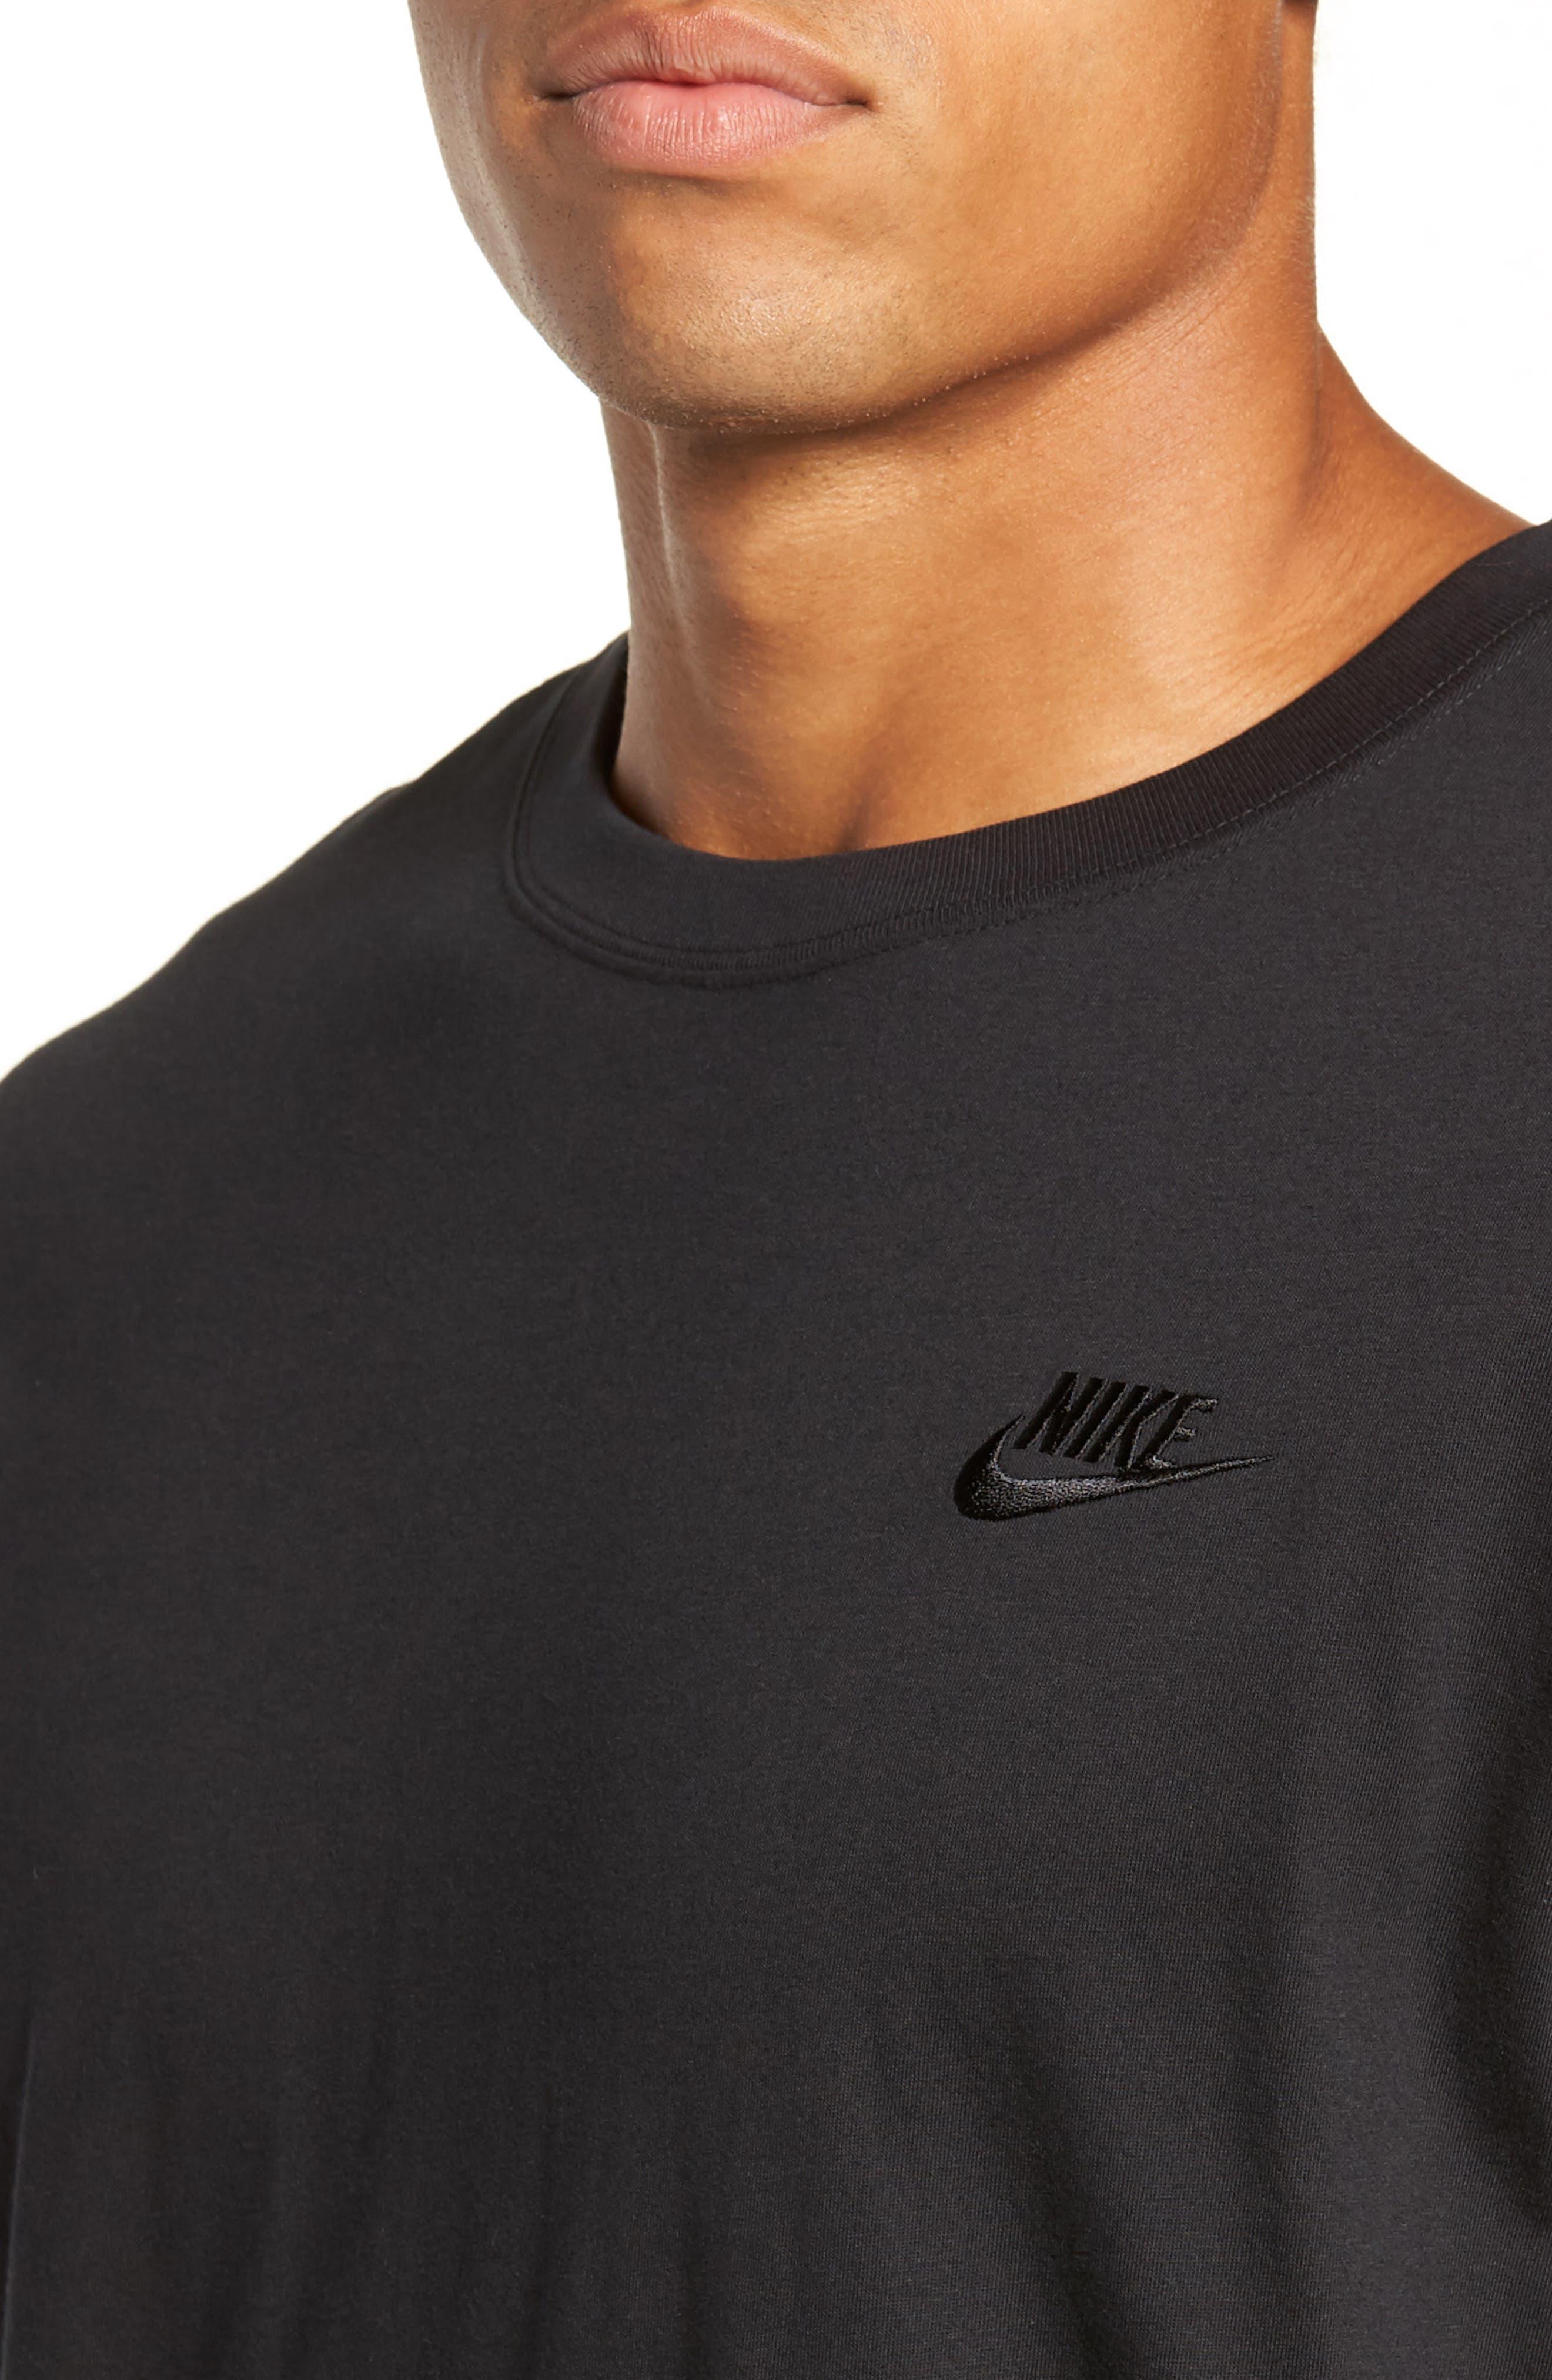 NSW Futura T-Shirt,                             Alternate thumbnail 4, color,                             BLACK/ BLACK